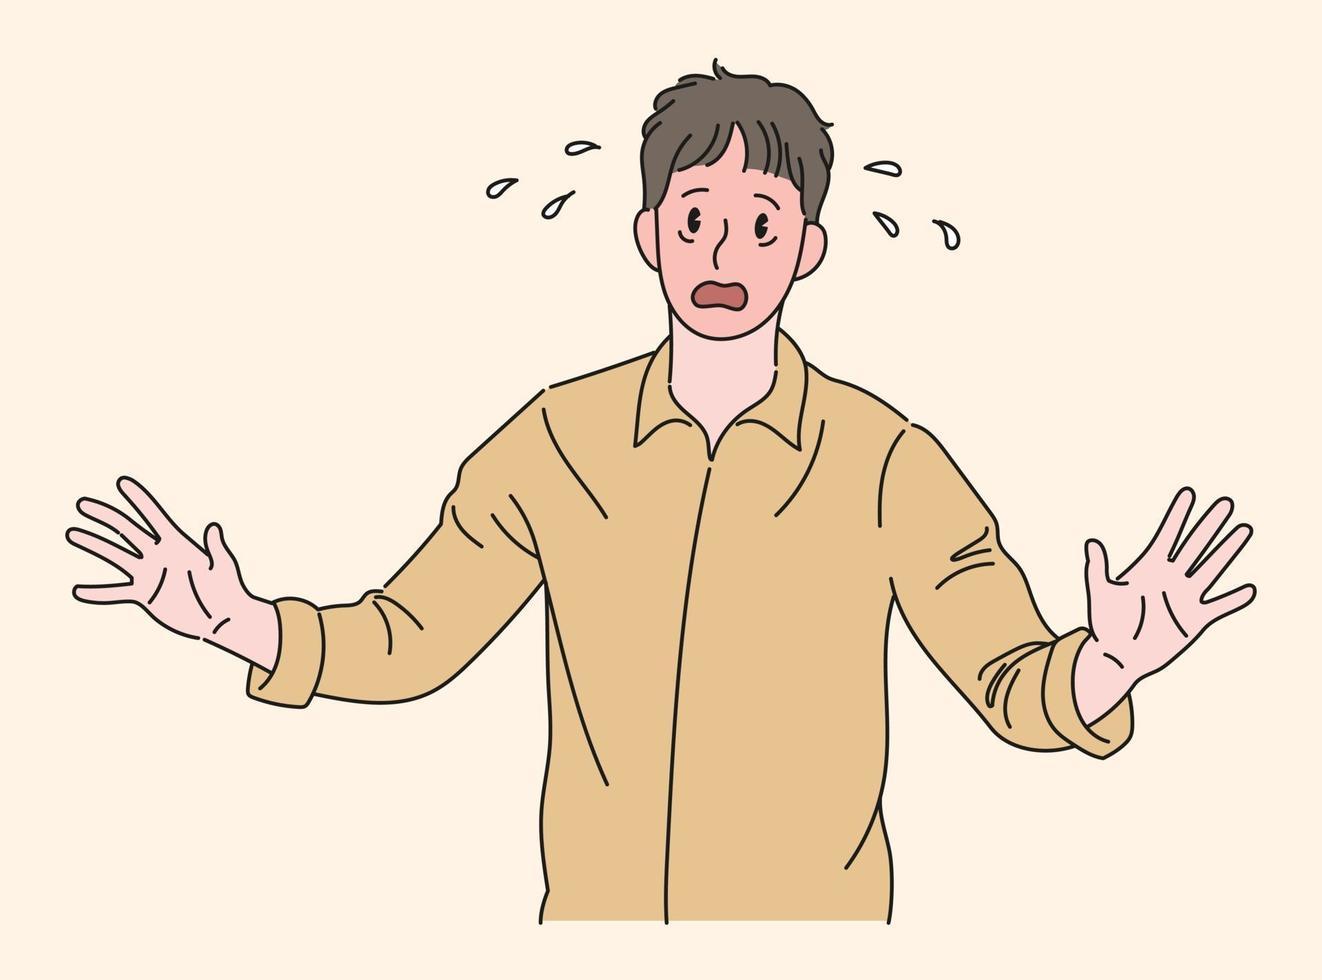 en man har ett pinsamt uttryck. handritade stilvektordesignillustrationer. vektor